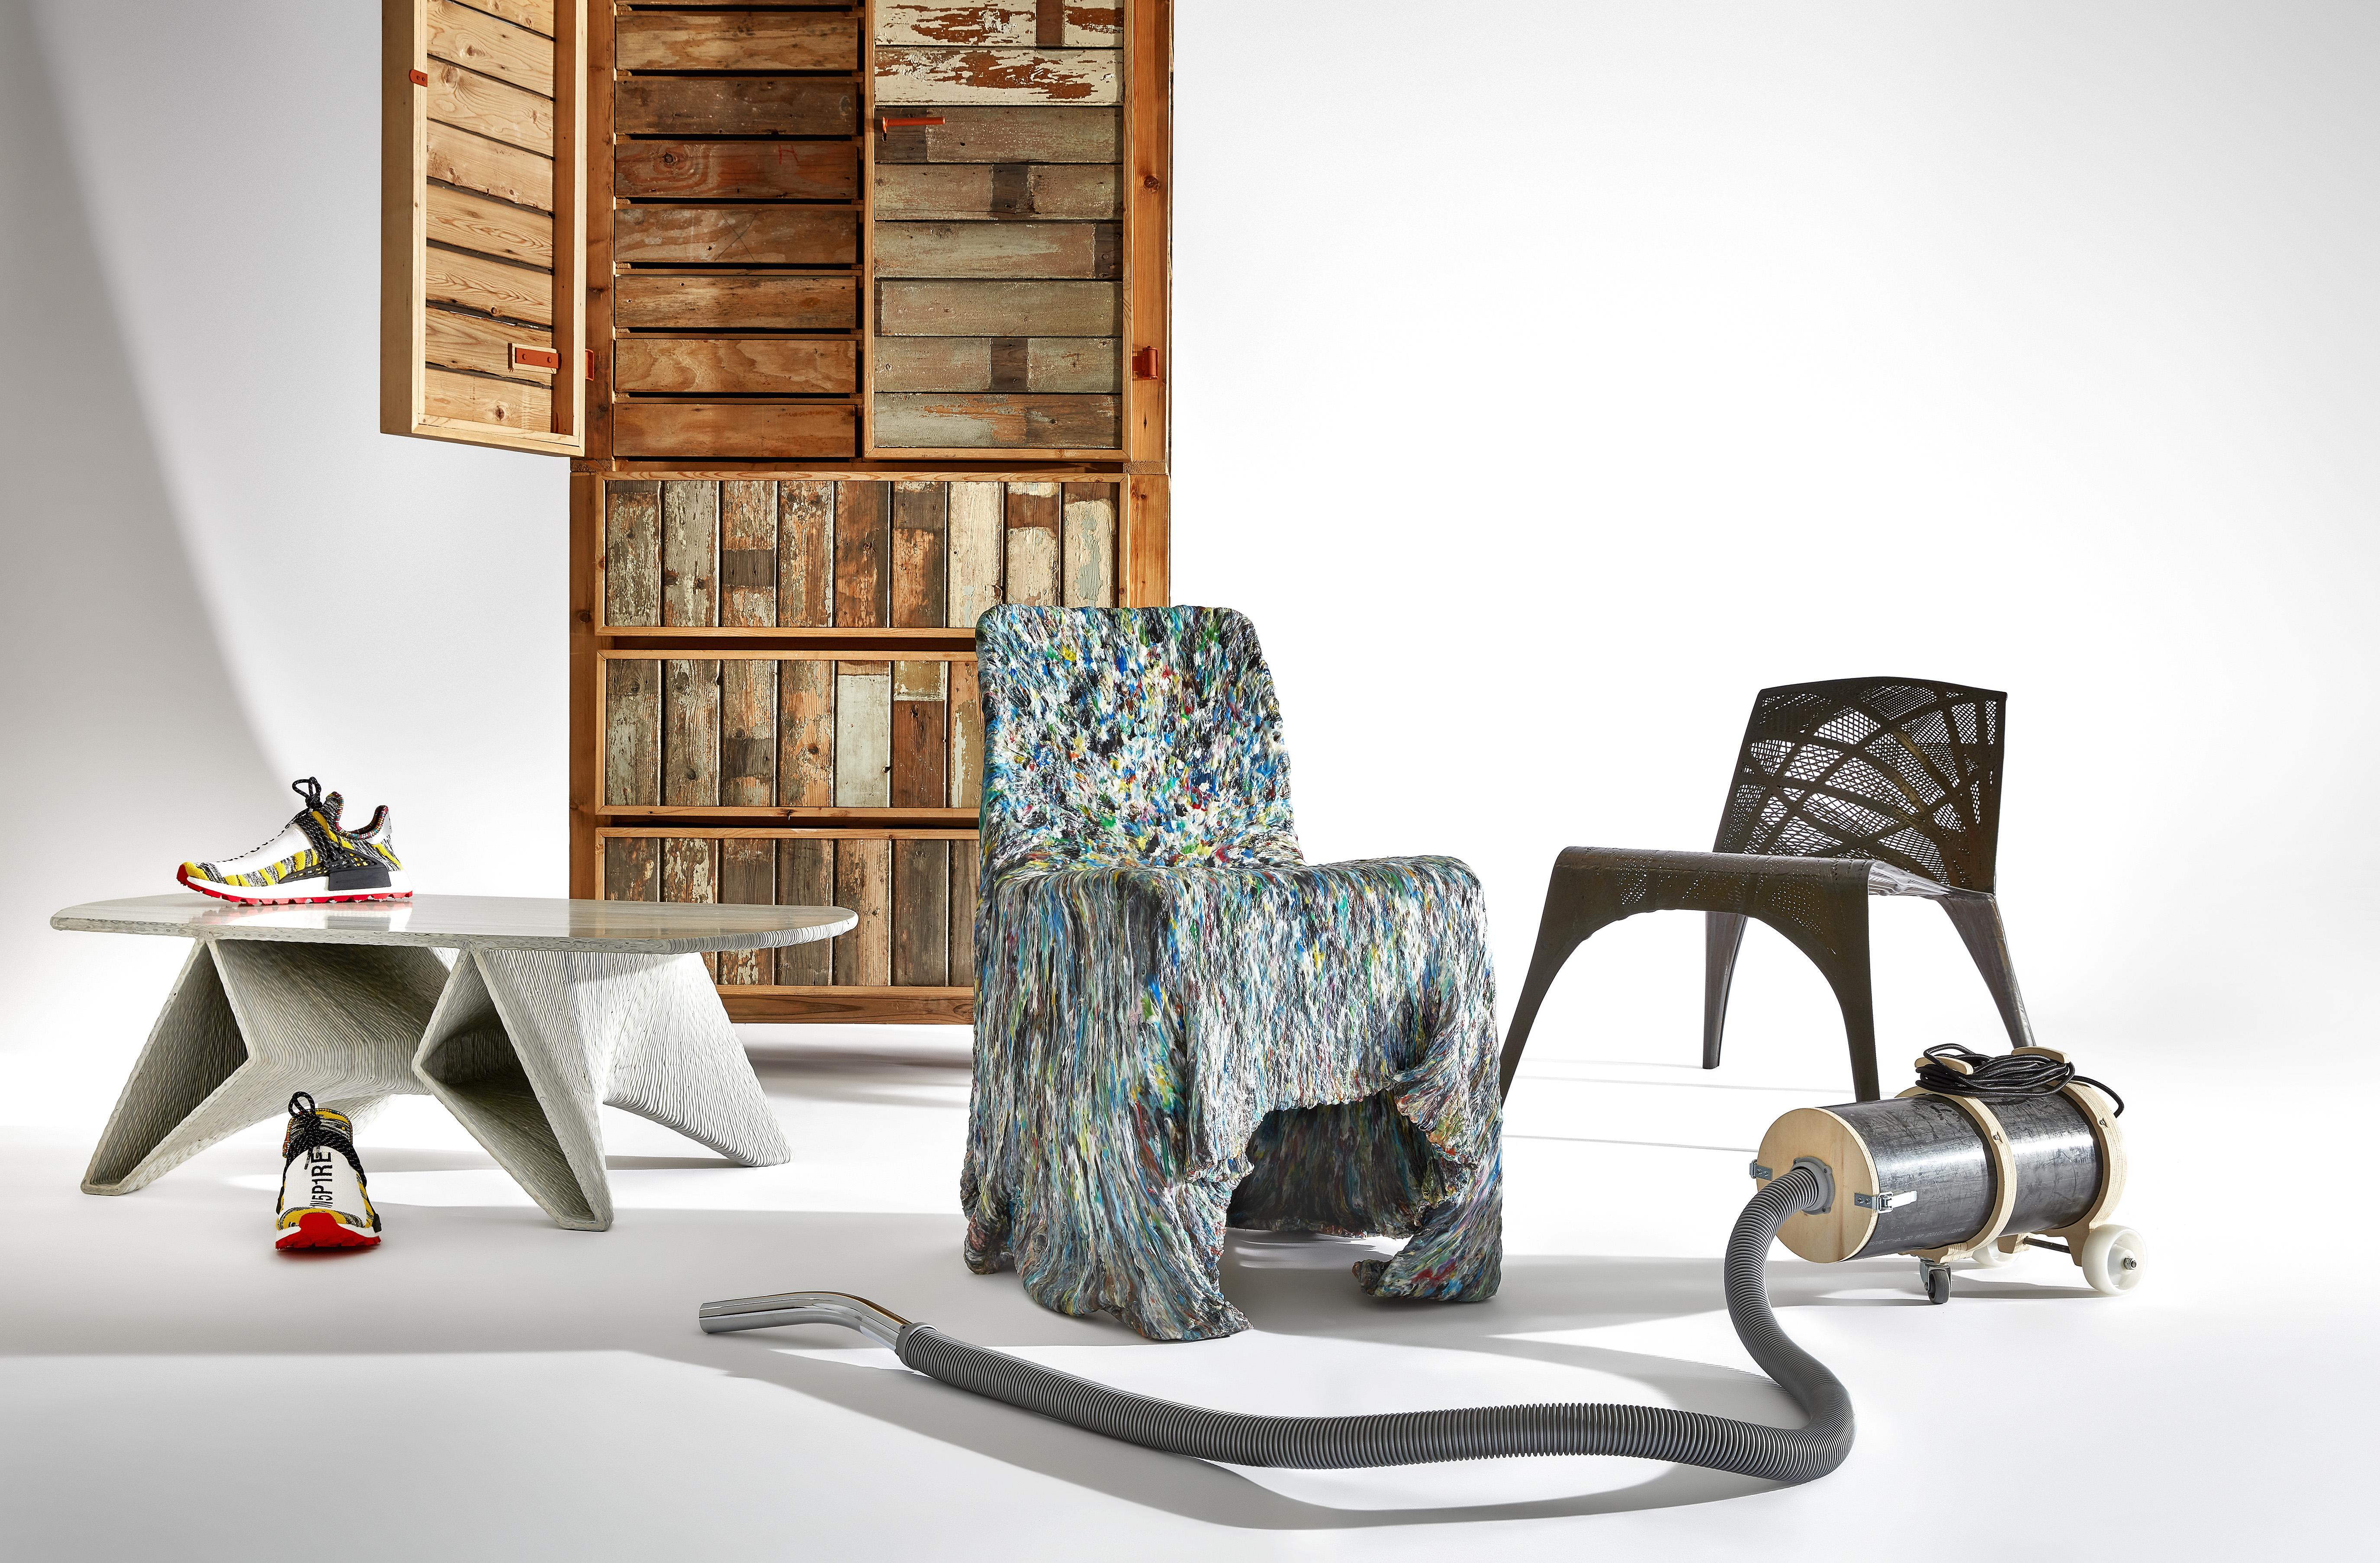 Unieke designcollectie Stedelijk redt expo 'van Thonet tot Dutch design'